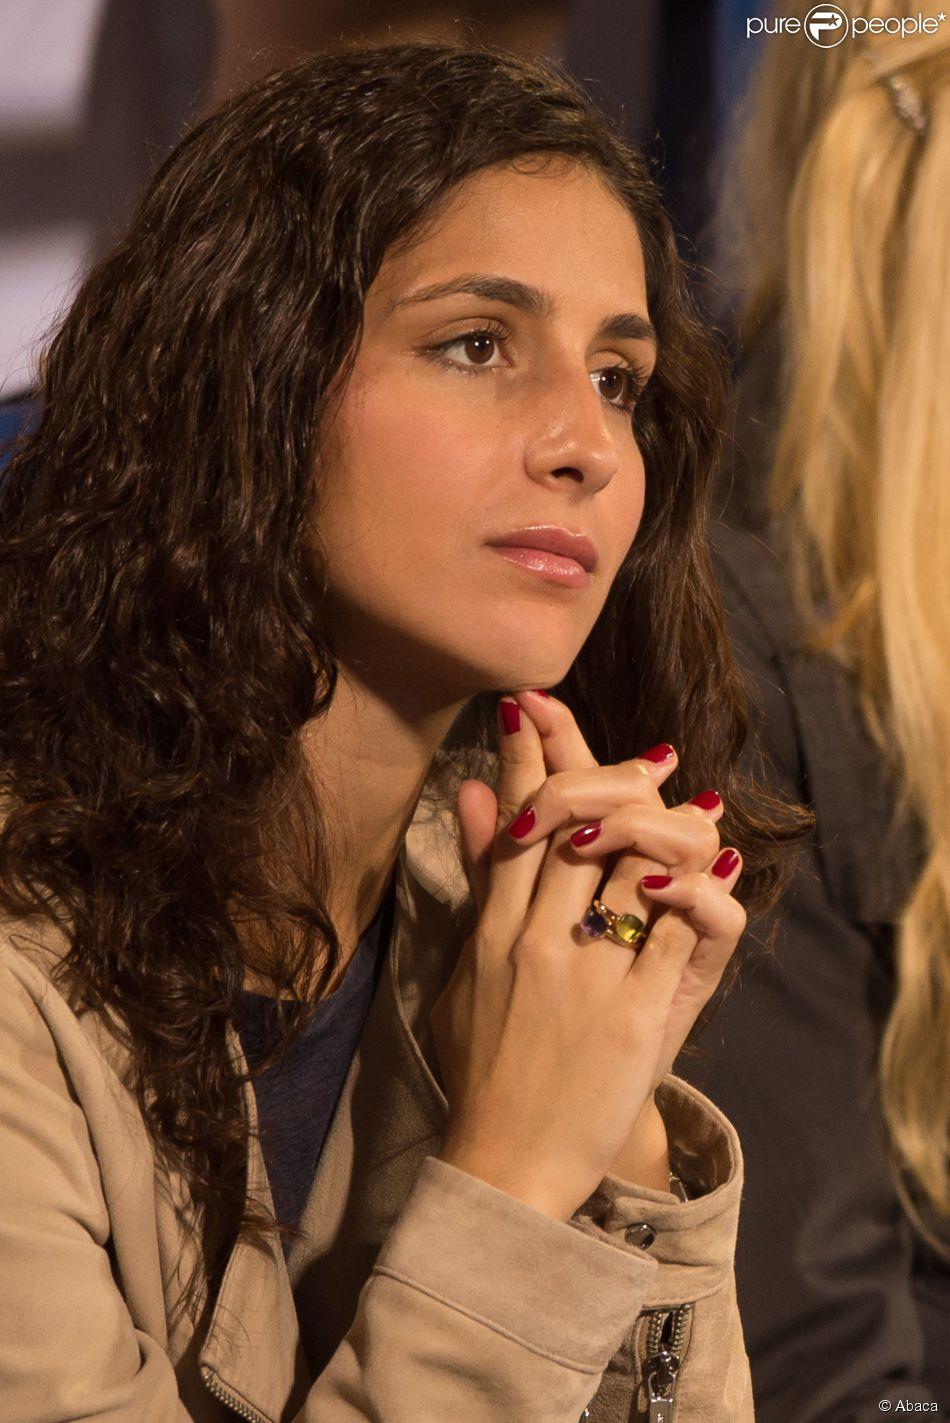 Rafael Nadal's Girlfriend Maria Francisca Perello Supports ...